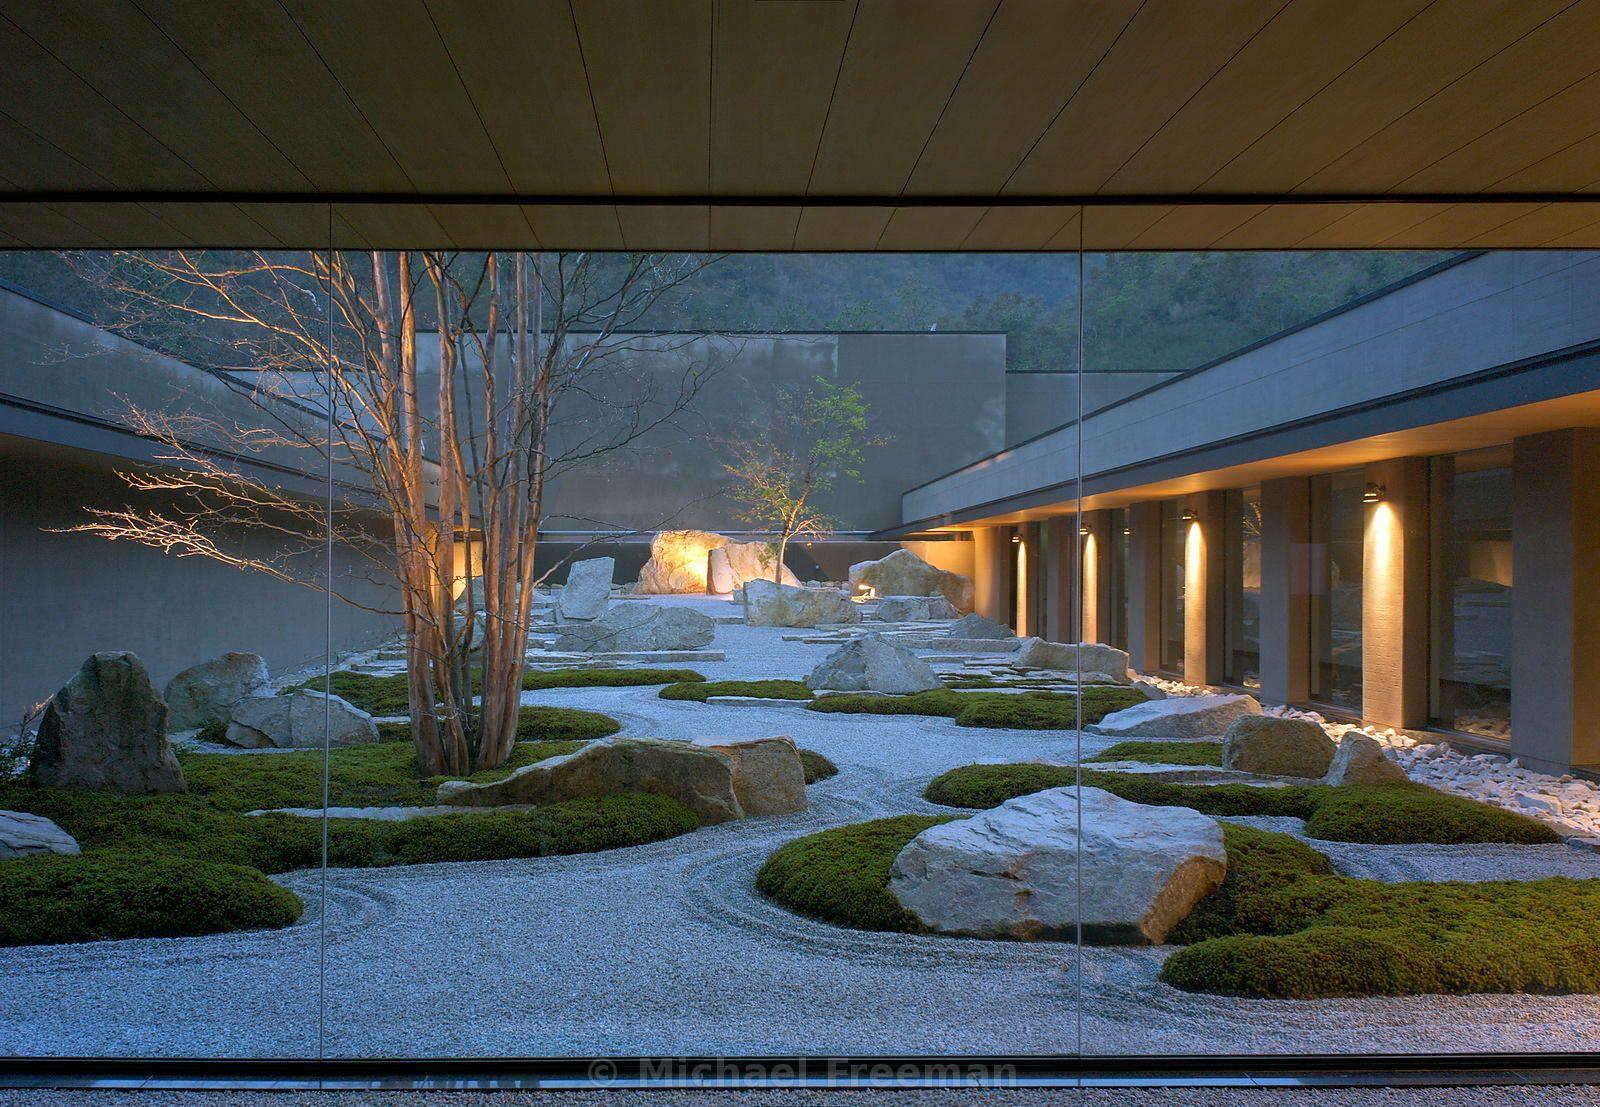 Zen Garden Design Shunmyo Mas Uno on